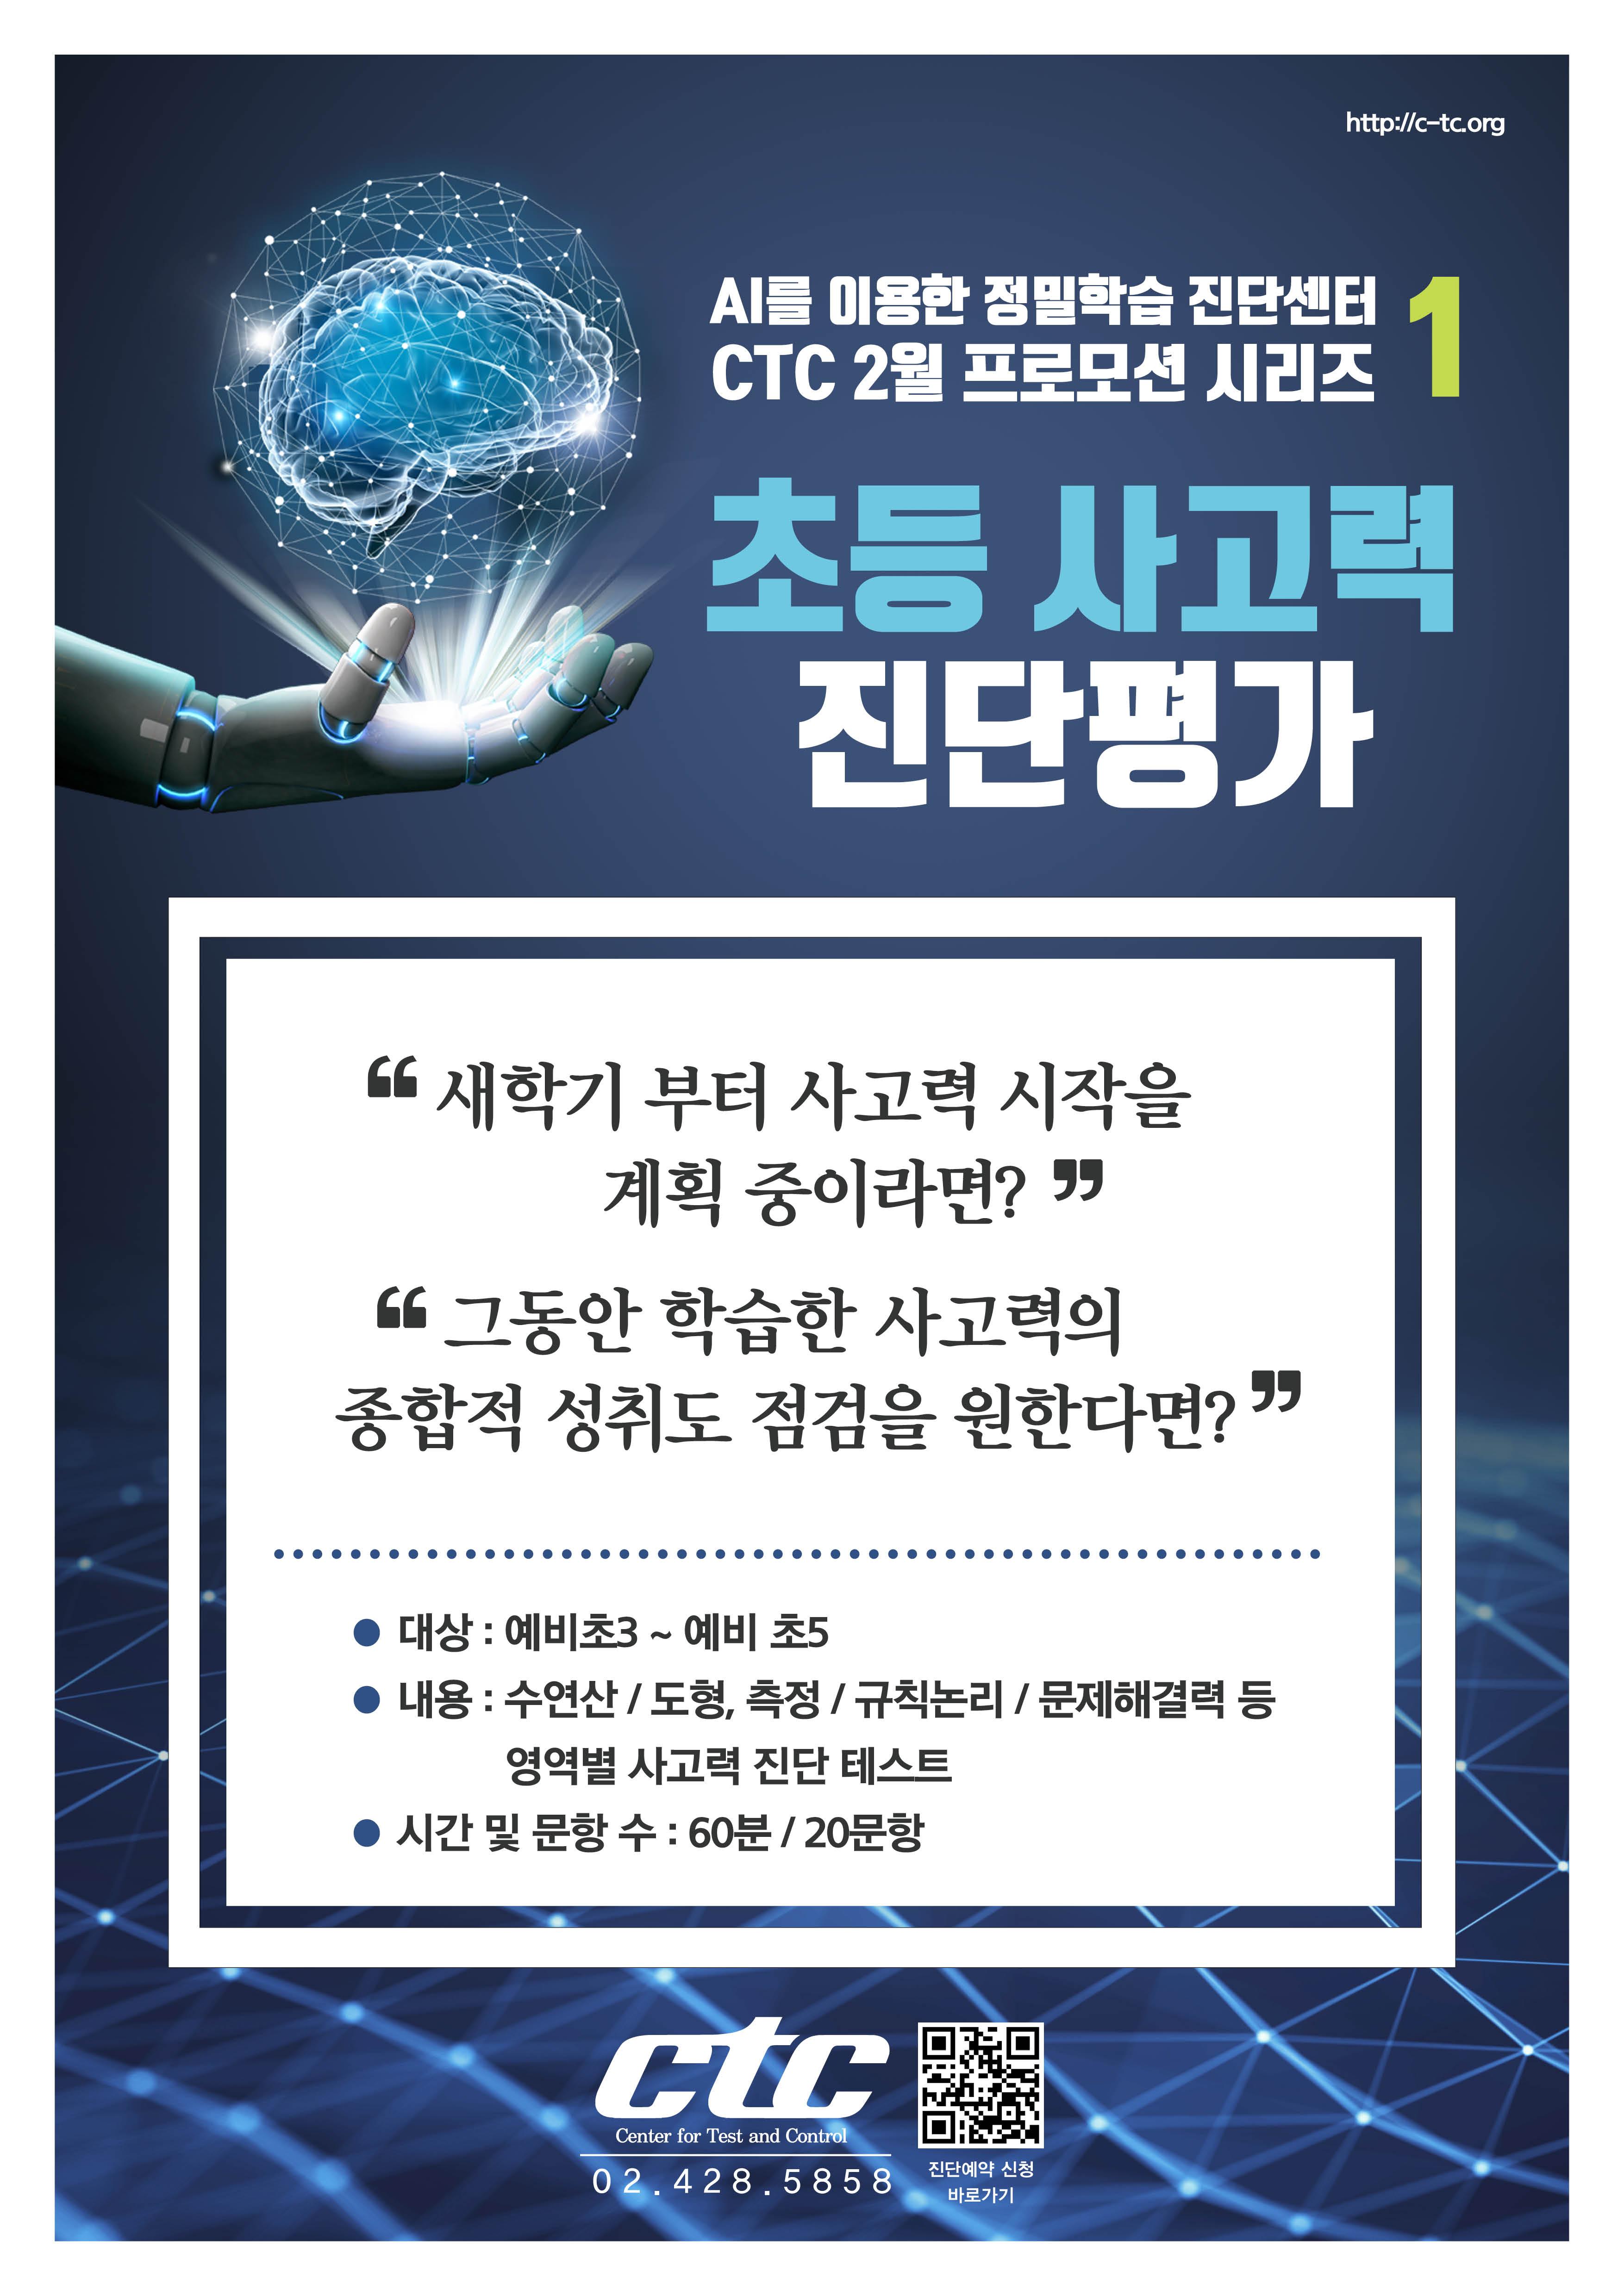 20190121_본사_CTC_홍보물